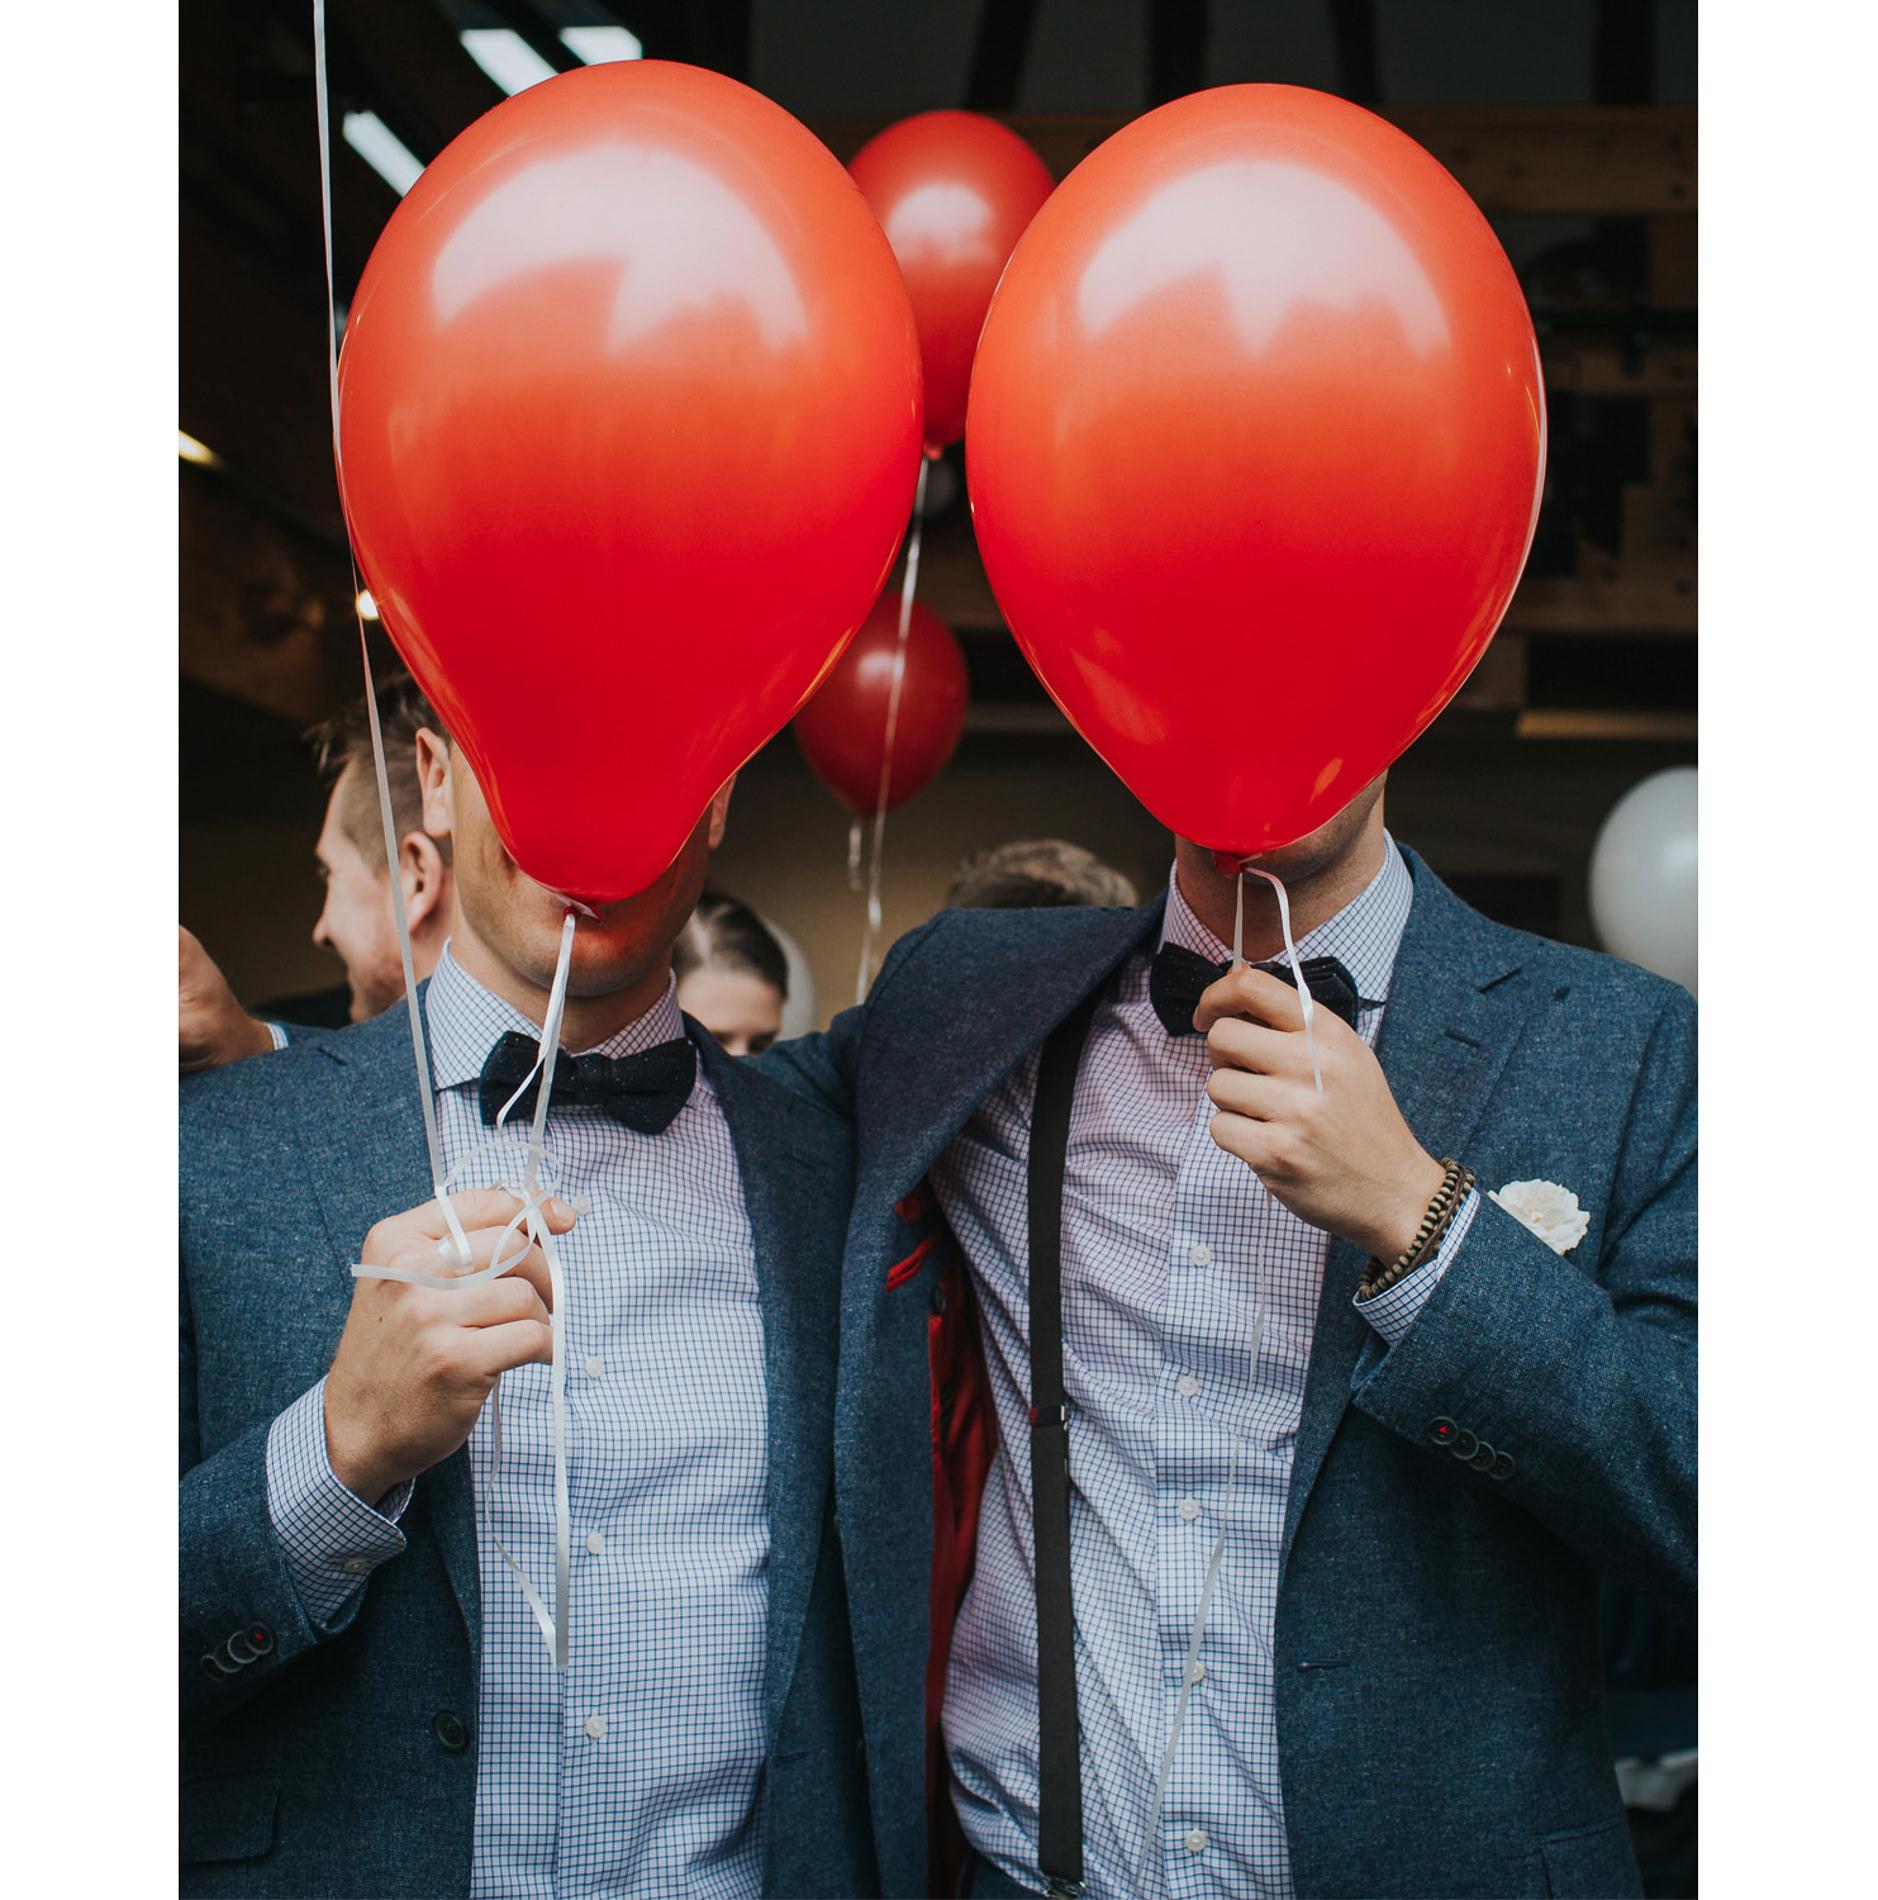 Hochzeit Ballone